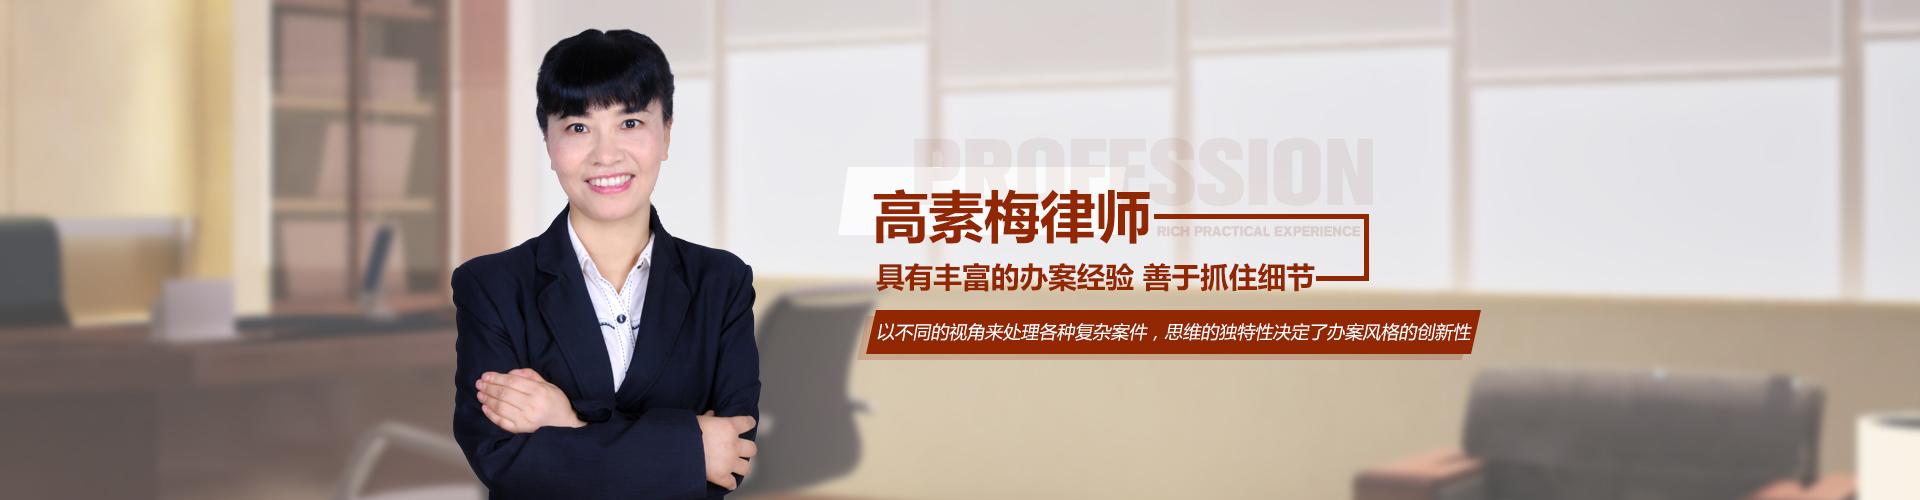 眉山律师网高素梅